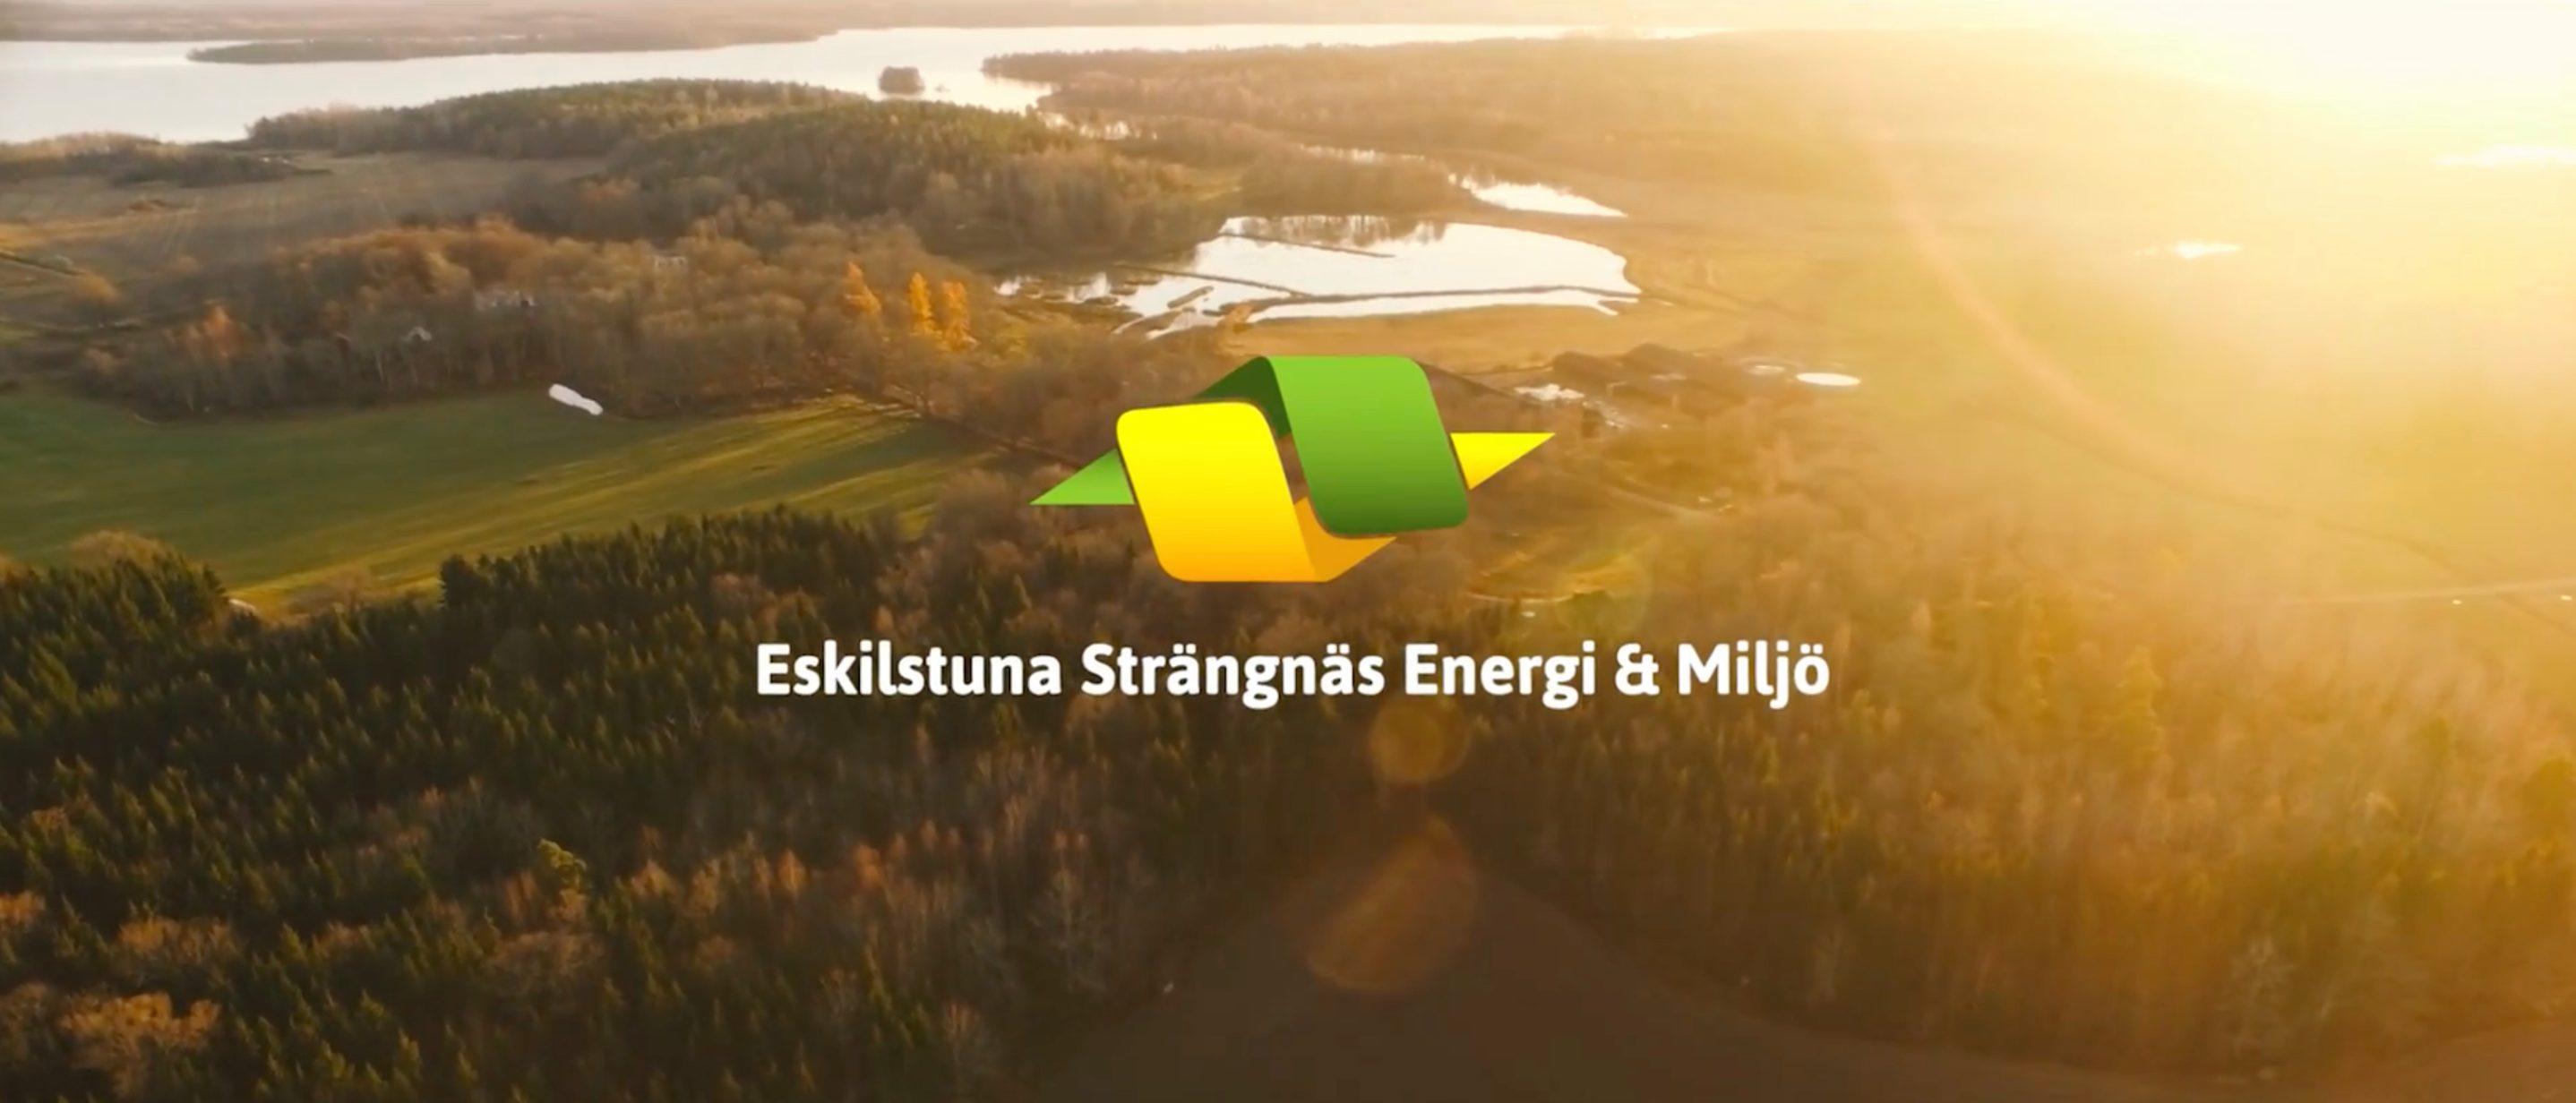 Vesa Hiltula föreläser kring hållbar utveckling!